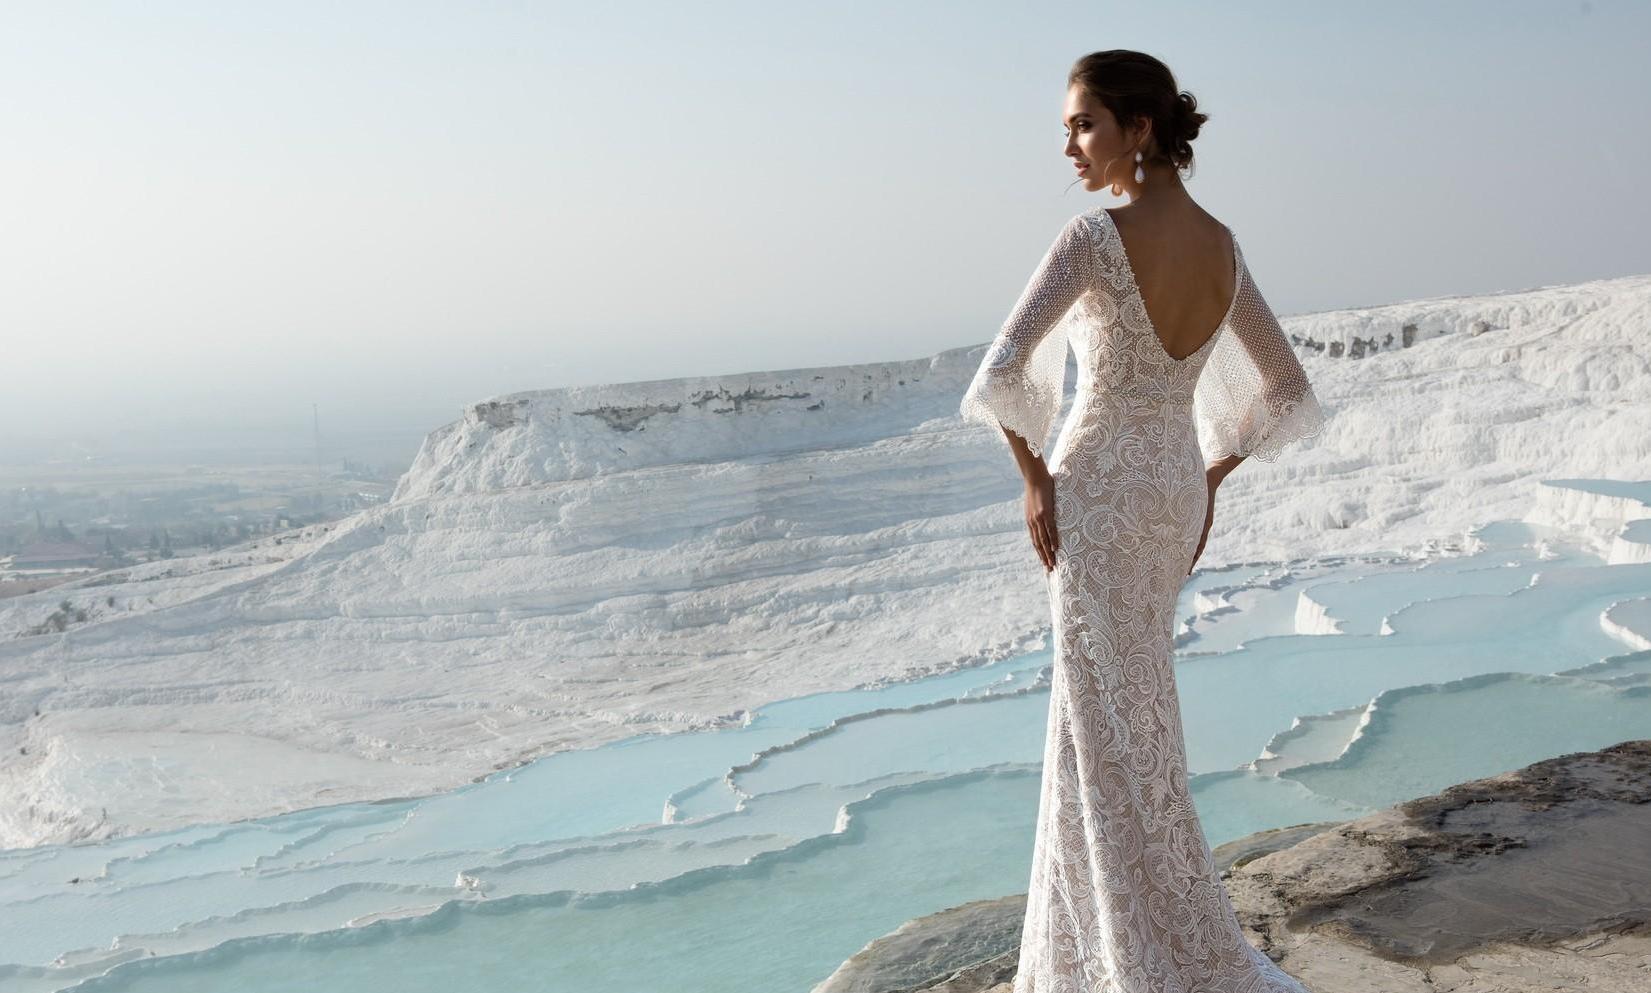 השמלה המושלמת ליום מושלם!